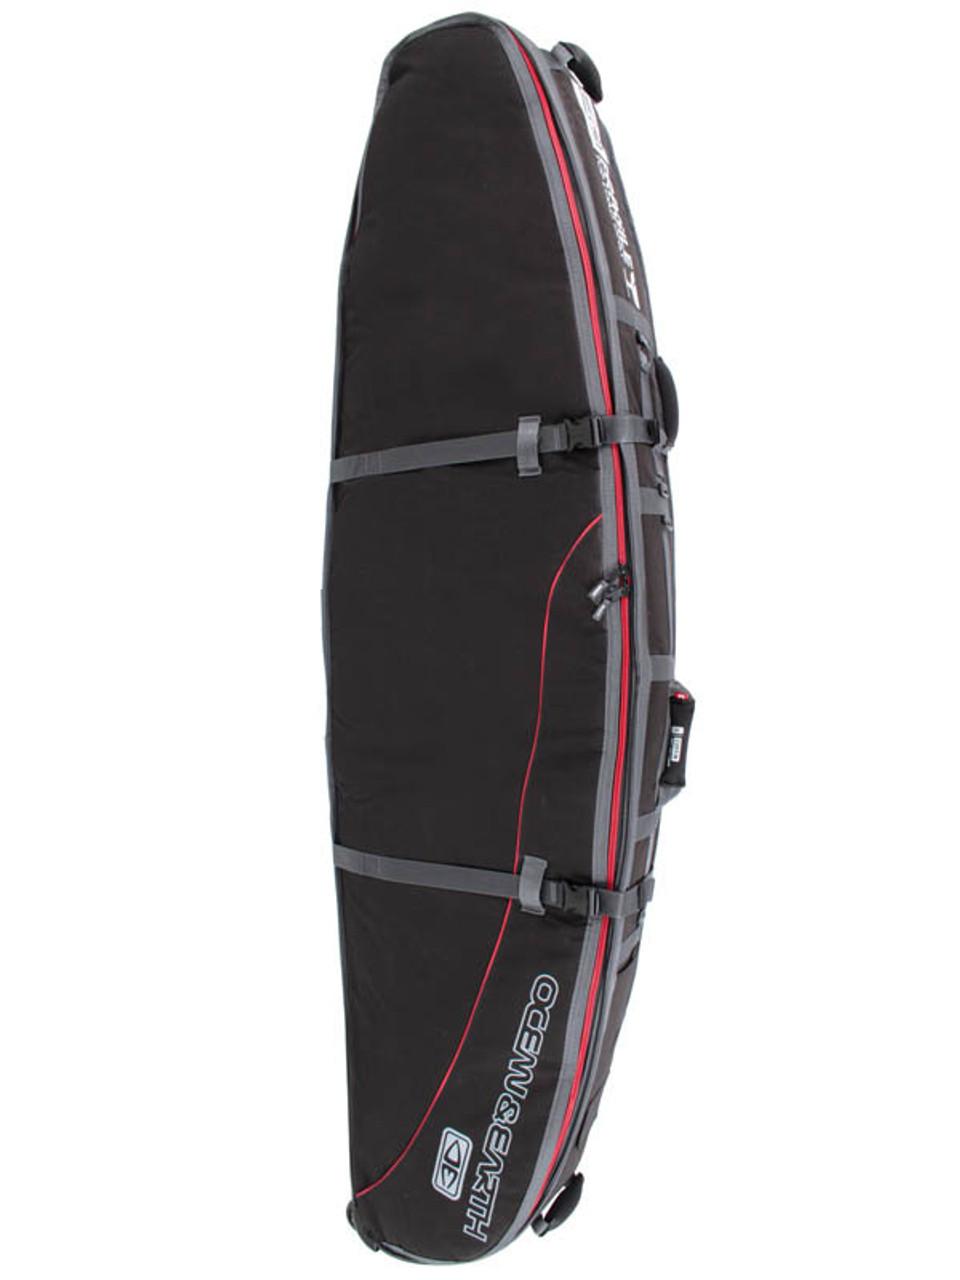 surf travel bag for 3 surfboards